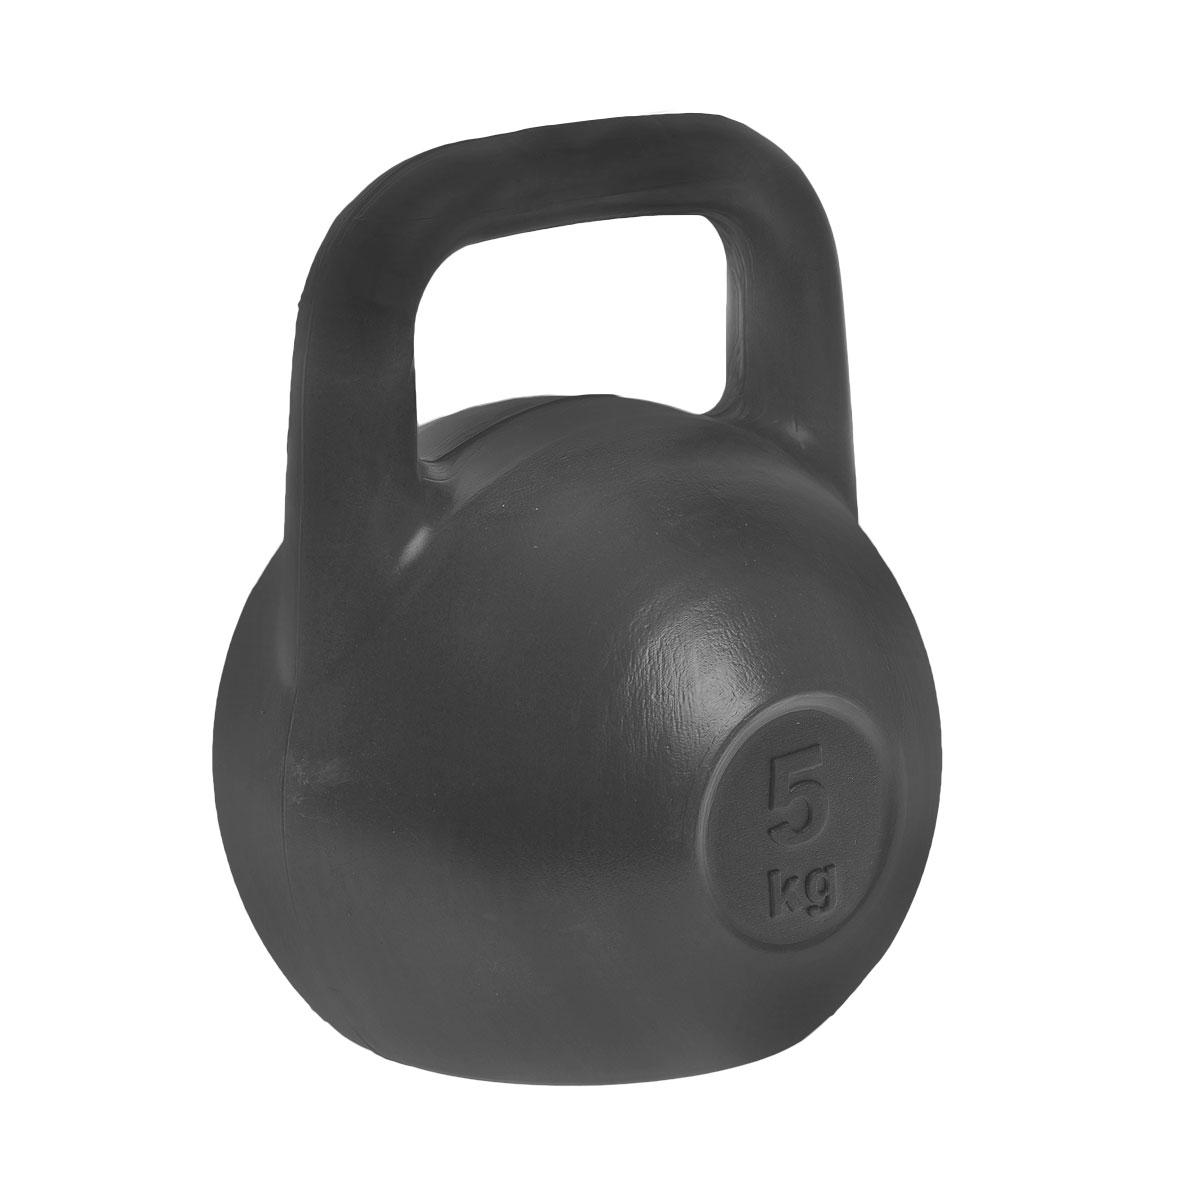 Гиря Евро-Классик, цвет: черный, 5 кгES-0029Гиря Евро-Классик выполнена из прочного пластика с наполнителем из цемента. Эргономичная рукоятка не скользит в руке, обеспечивая надежный хват. Специальная конструкция гири значительно уменьшает риск получения спортсменом травмы. Гири - это самое простое и самое гениальное спортивное оборудование для развития мышечной массы. Правильно поставленные тренировки с ними позволяют не только нарастить мышечную массу, но и развить повышенную выносливость, укрепляют сердечнососудистую систему и костно-мышечный аппарат. Вес гири: 5 кг.